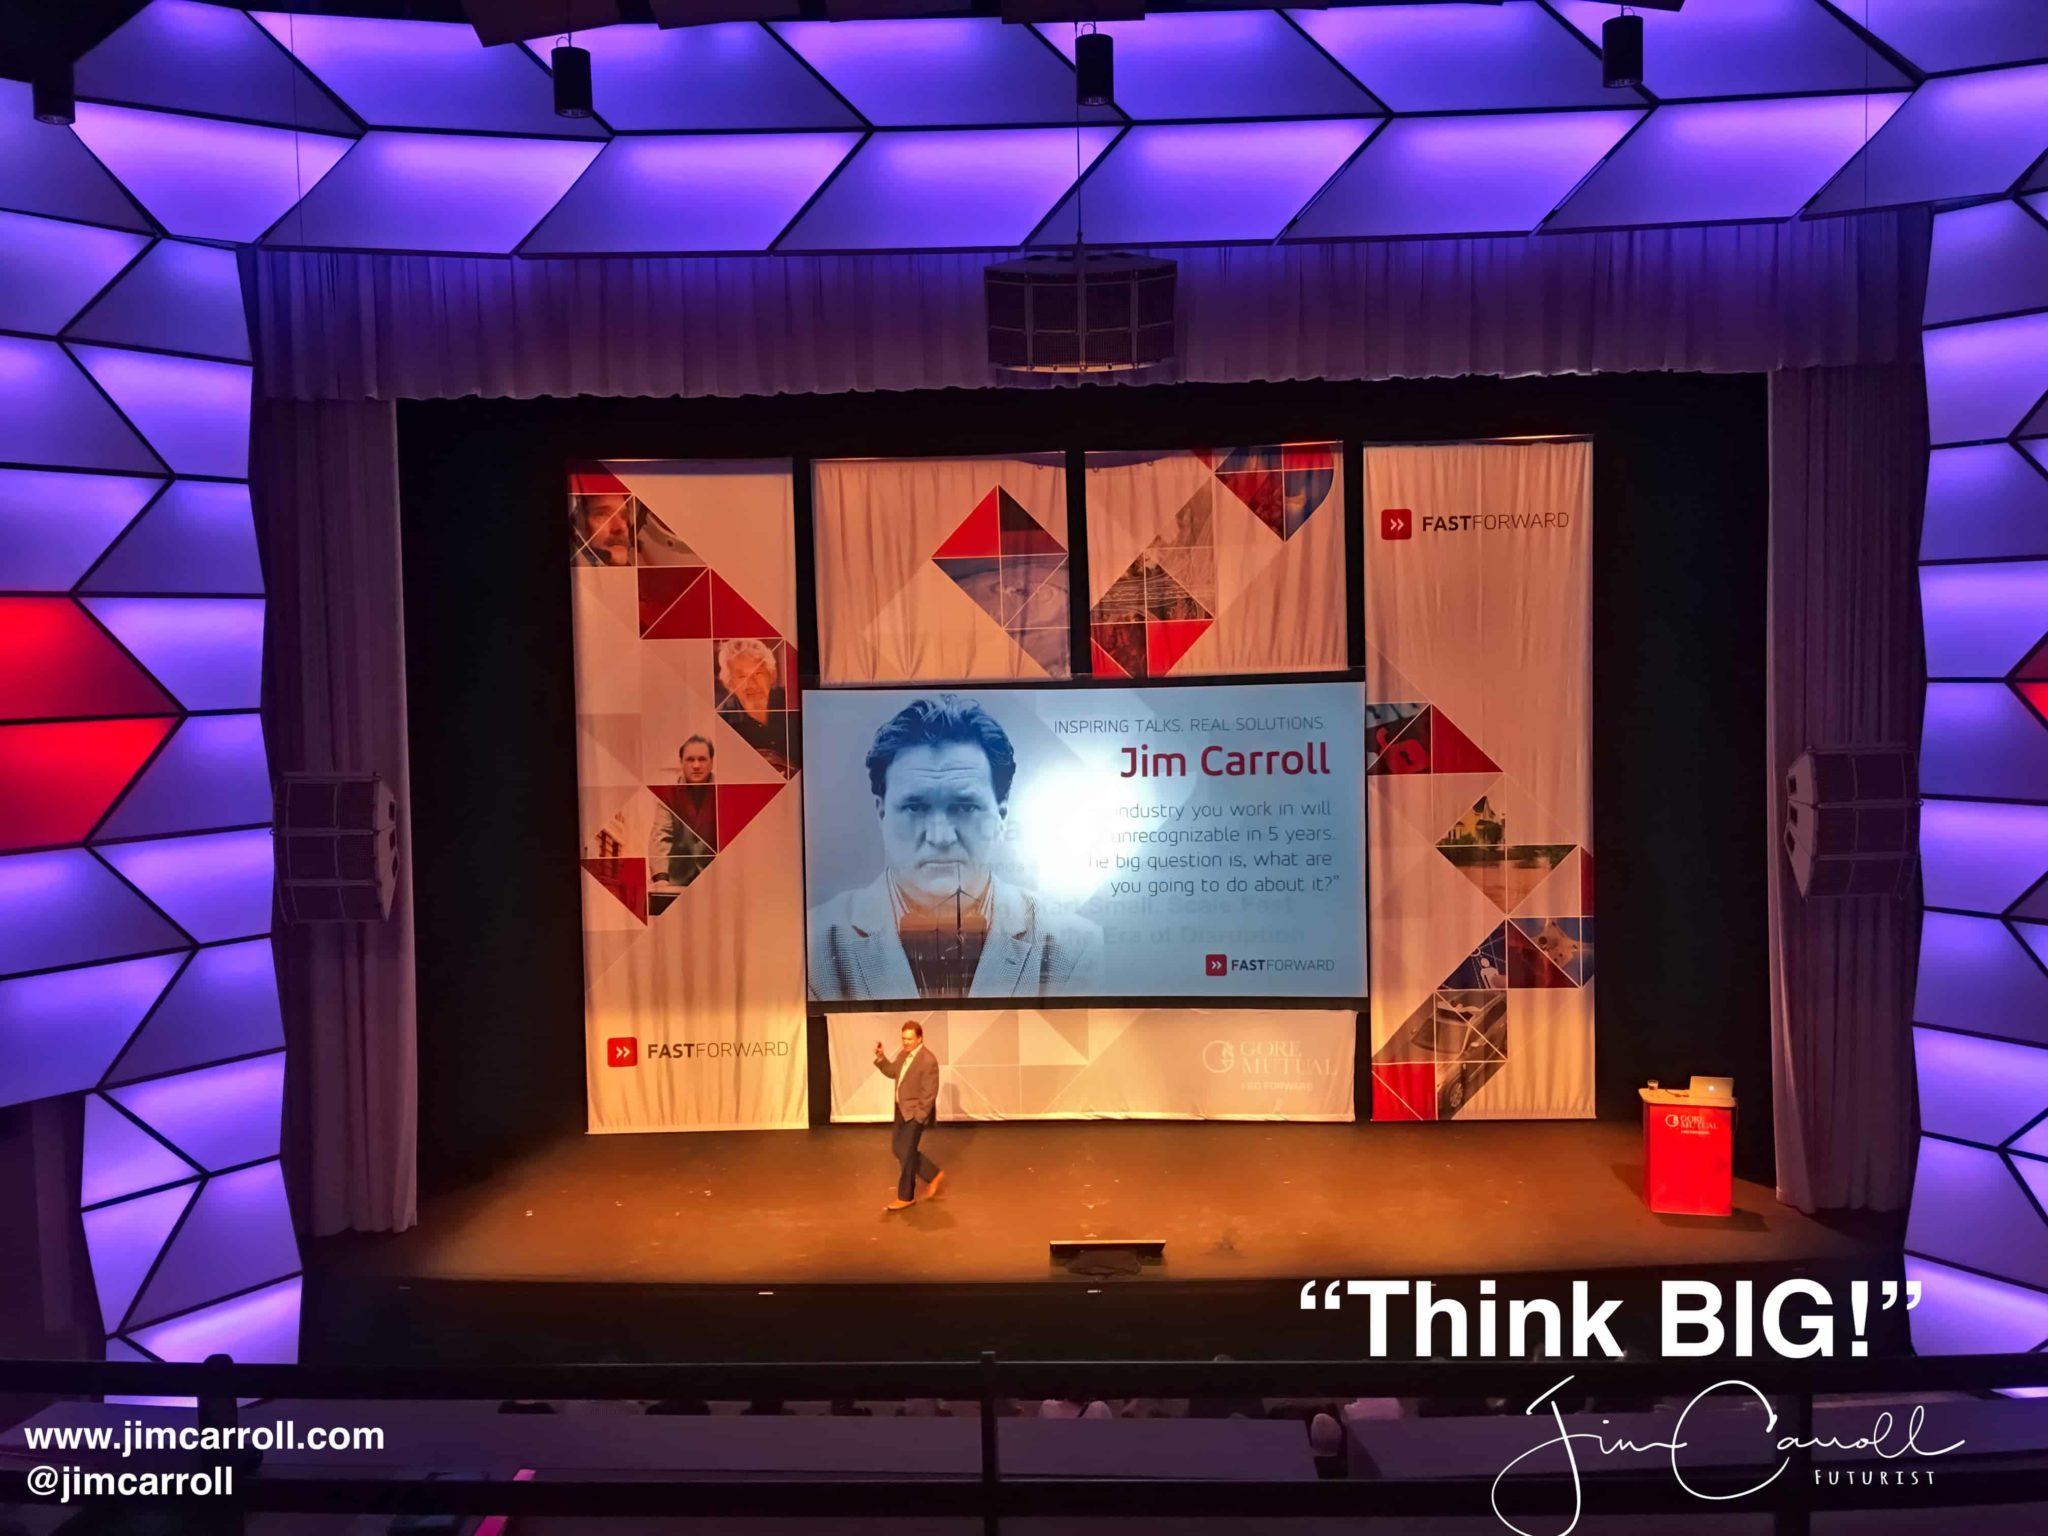 10 Reasons to Think Big